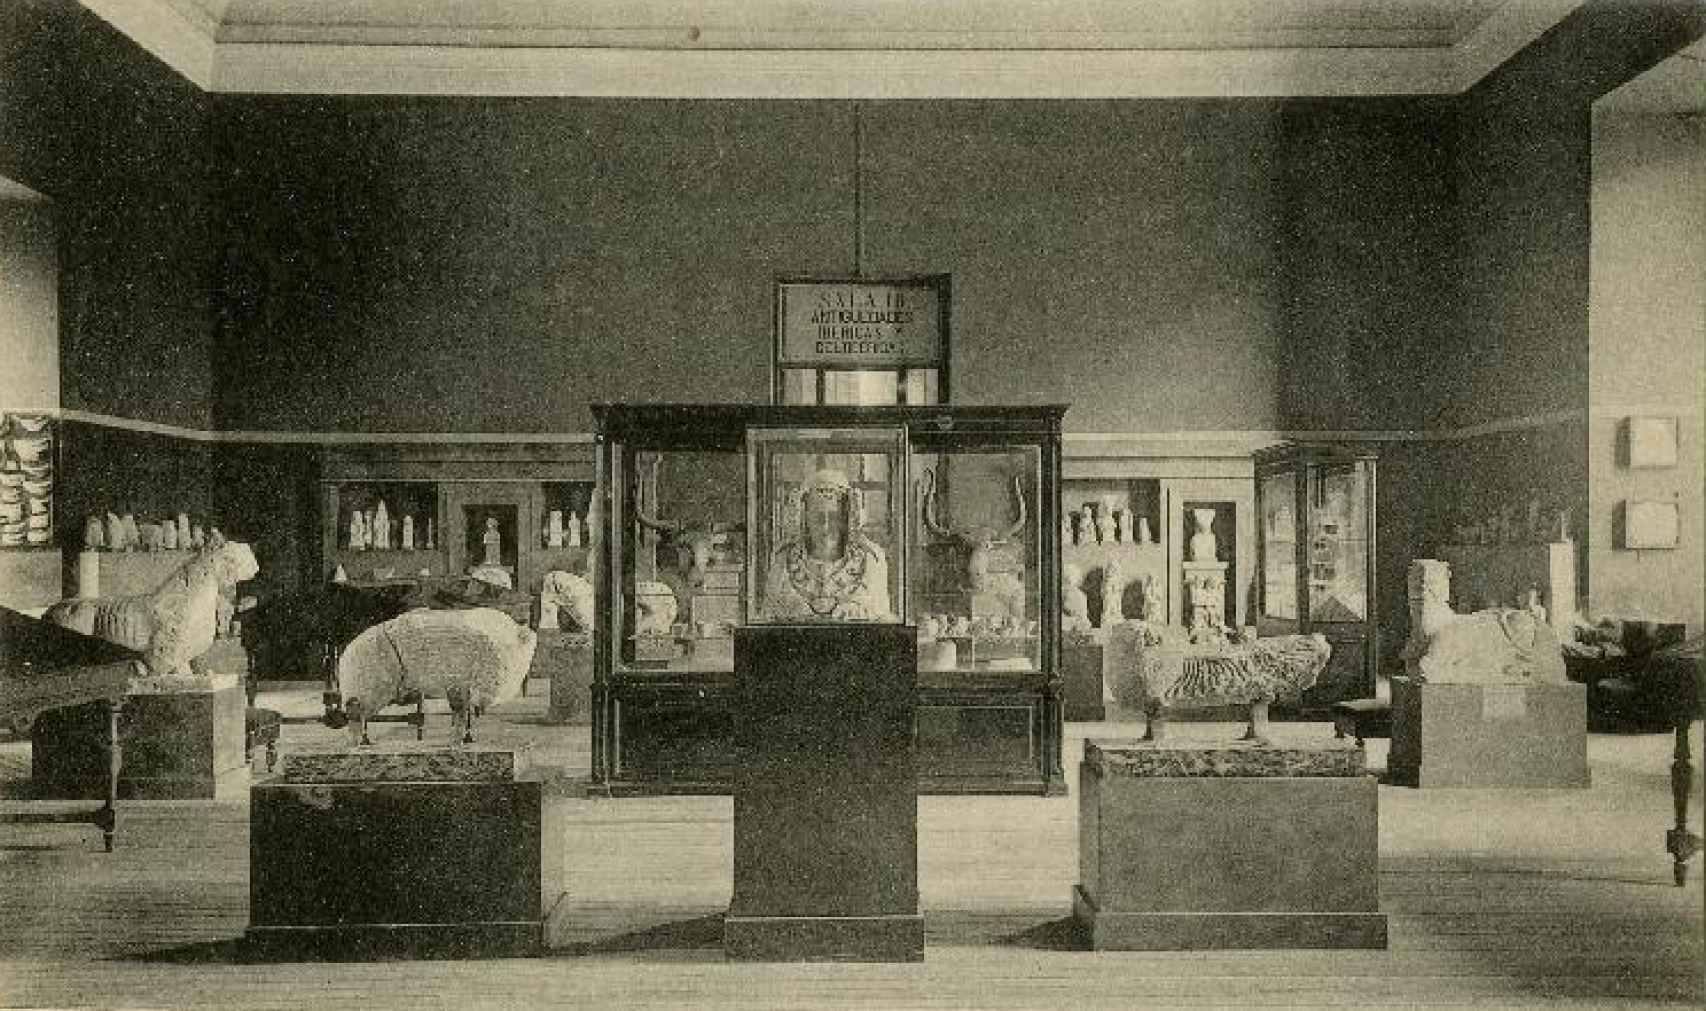 Réplica de la Dama de Elche expuesta en el Museo Arqueológico en el primer tercio del siglo XX.